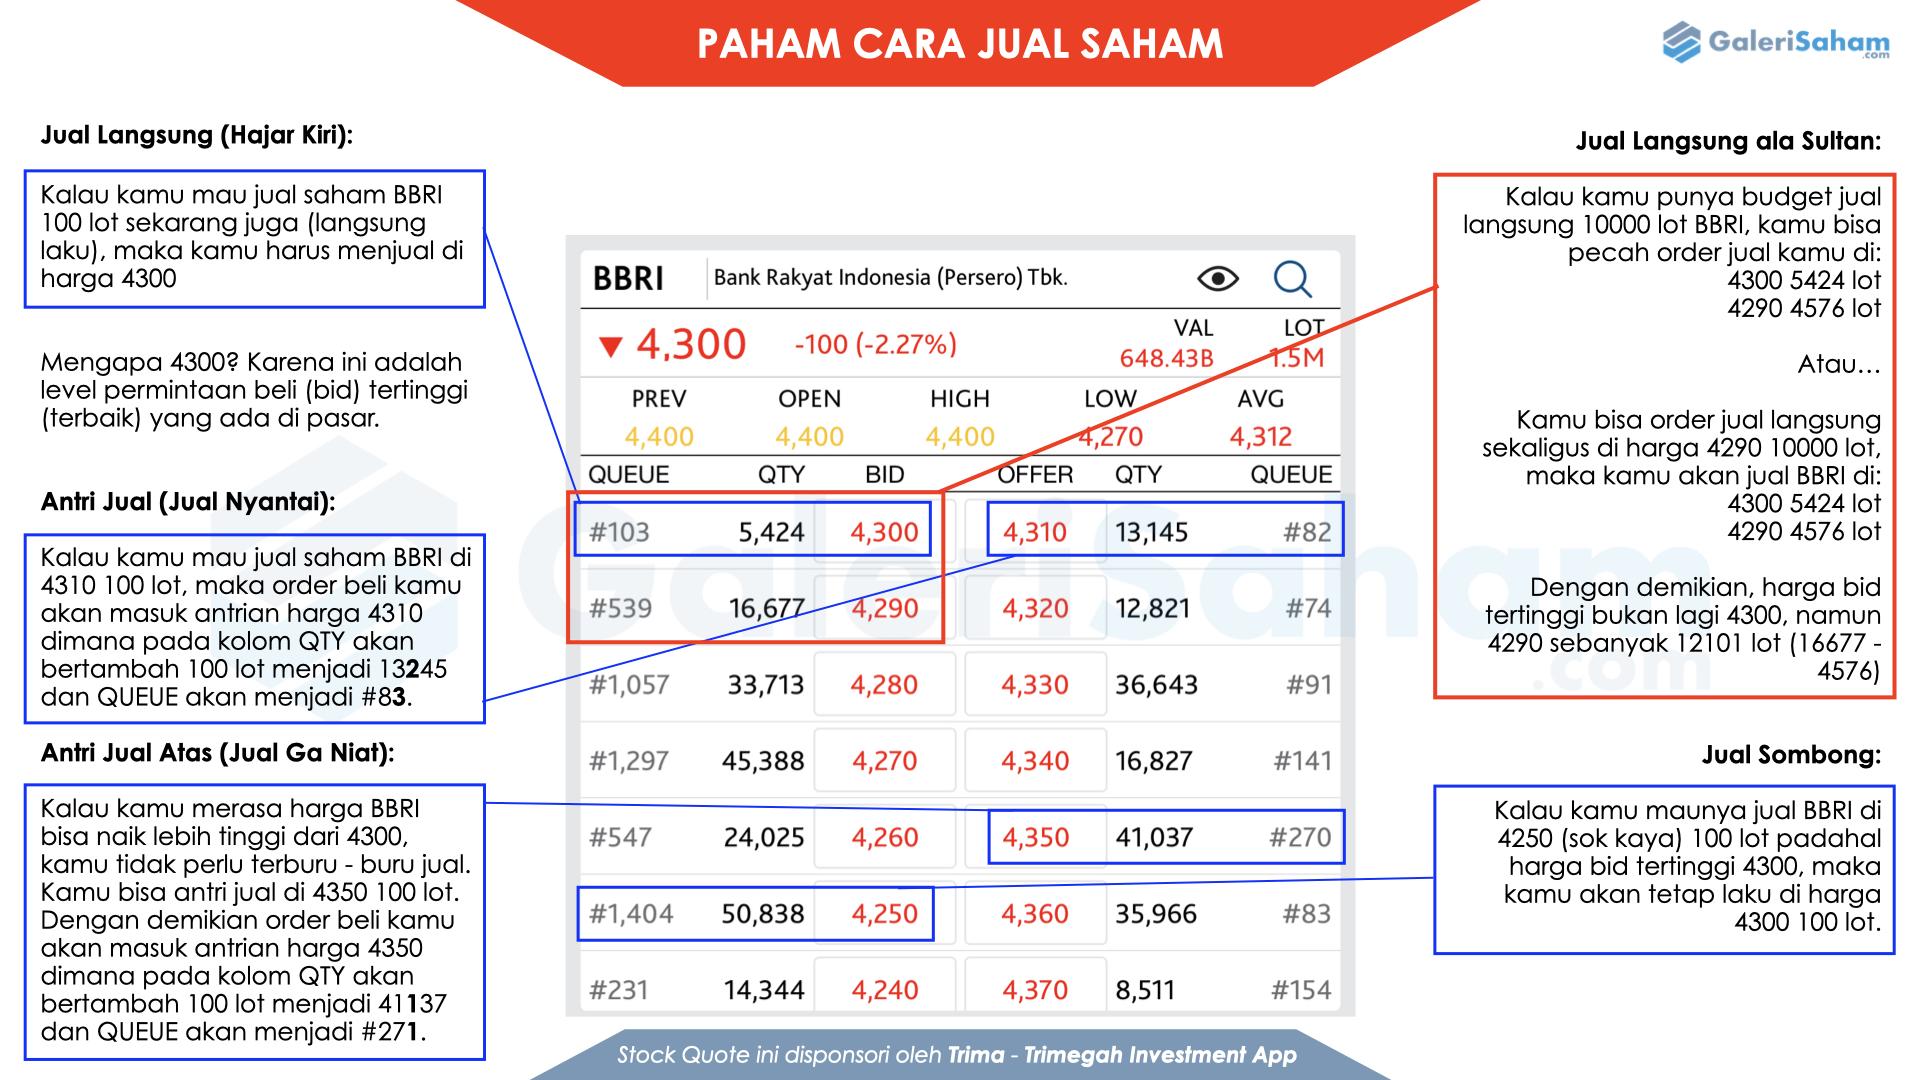 cara jual saham online